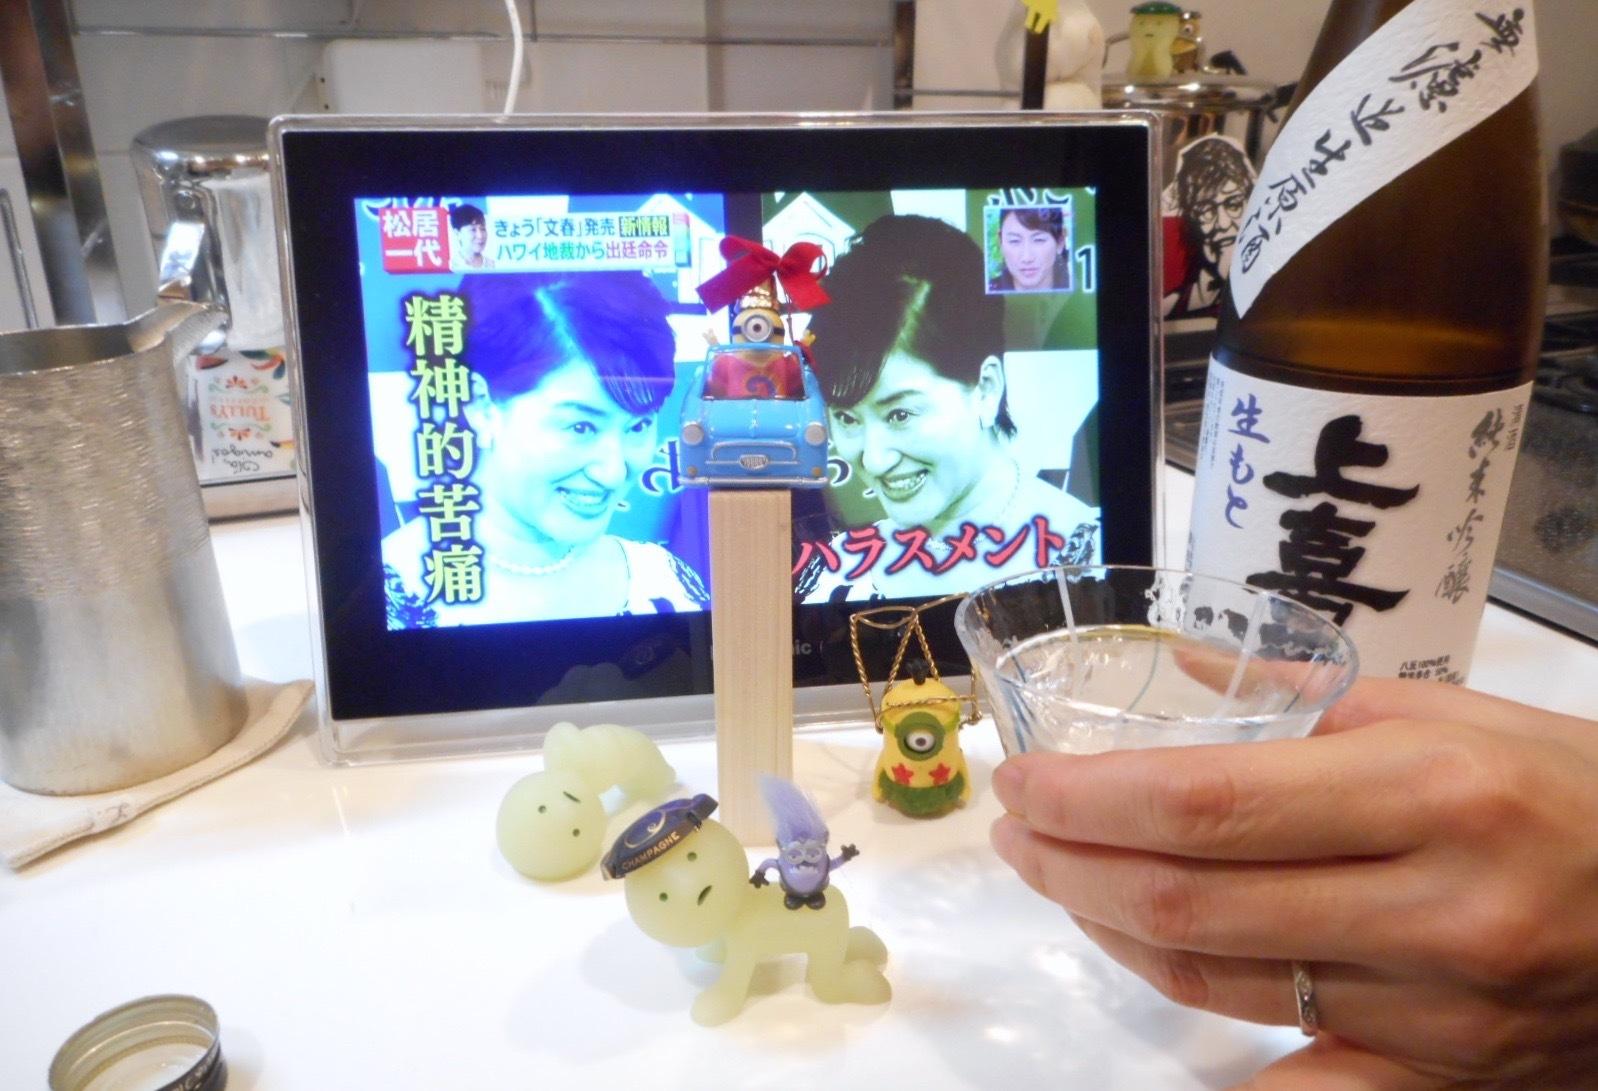 joukigen_kimoto_hattan28by4.jpg